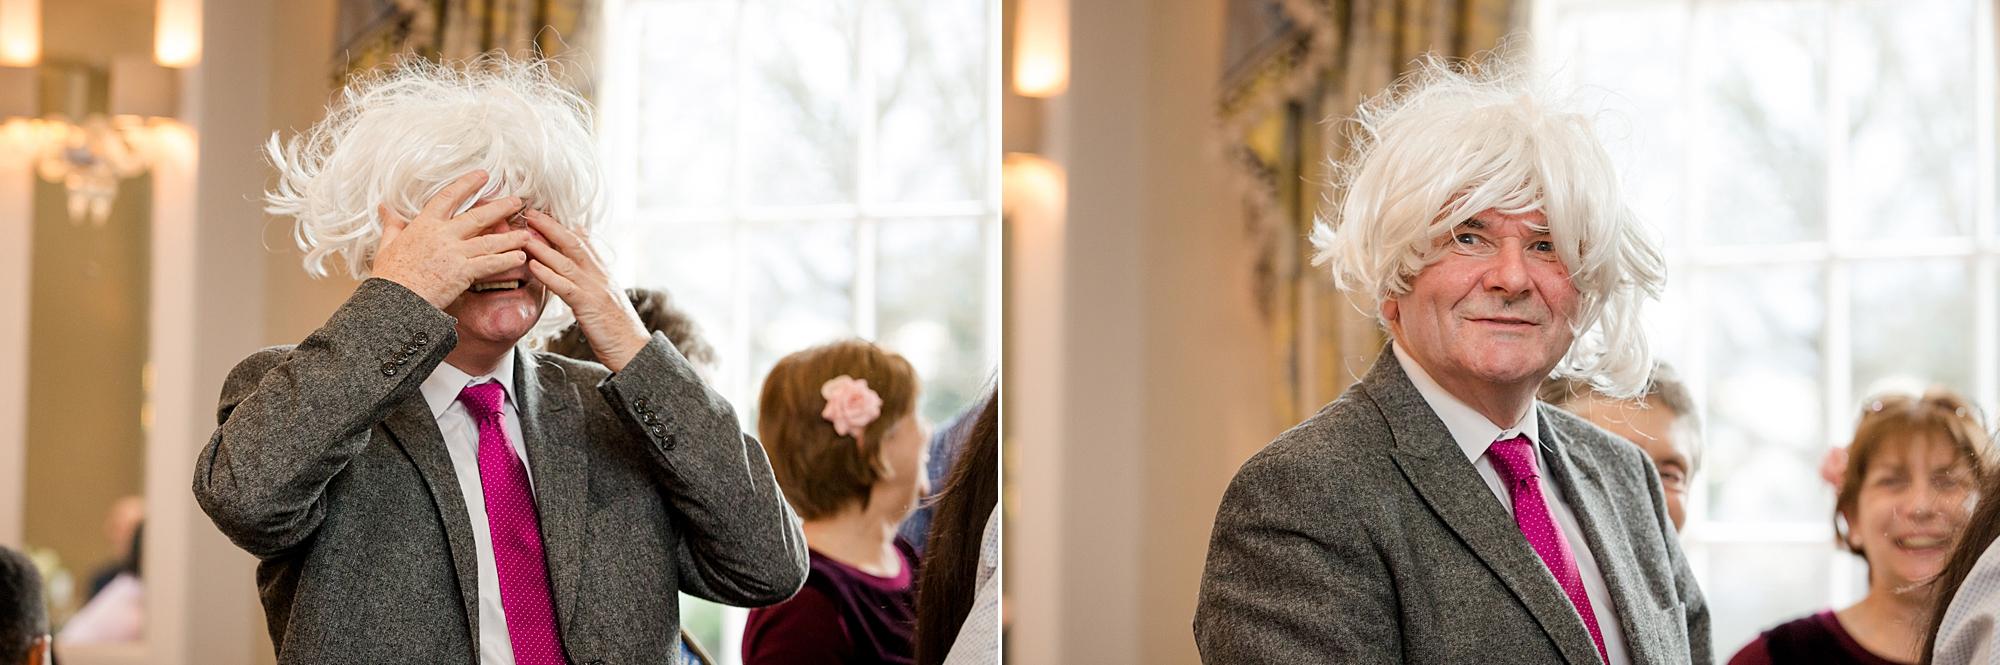 Richmond Hill Hotel wedding guest in funny wig